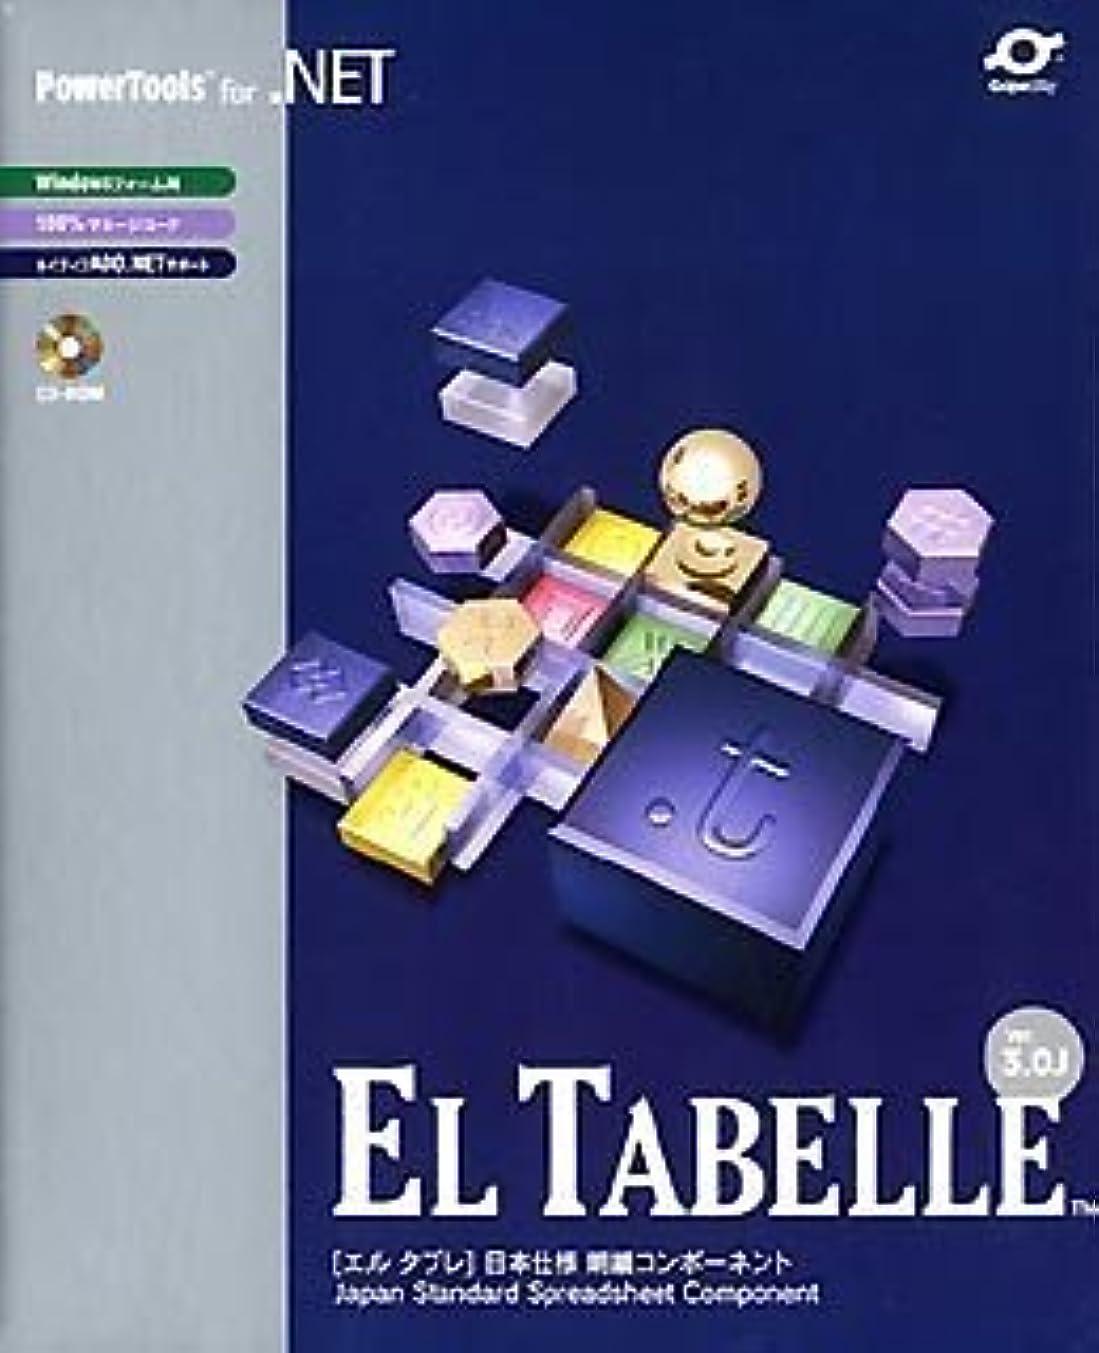 サーマル武器脊椎EL Tabelle for .NET 3.0J 1開発ライセンスパッケージ